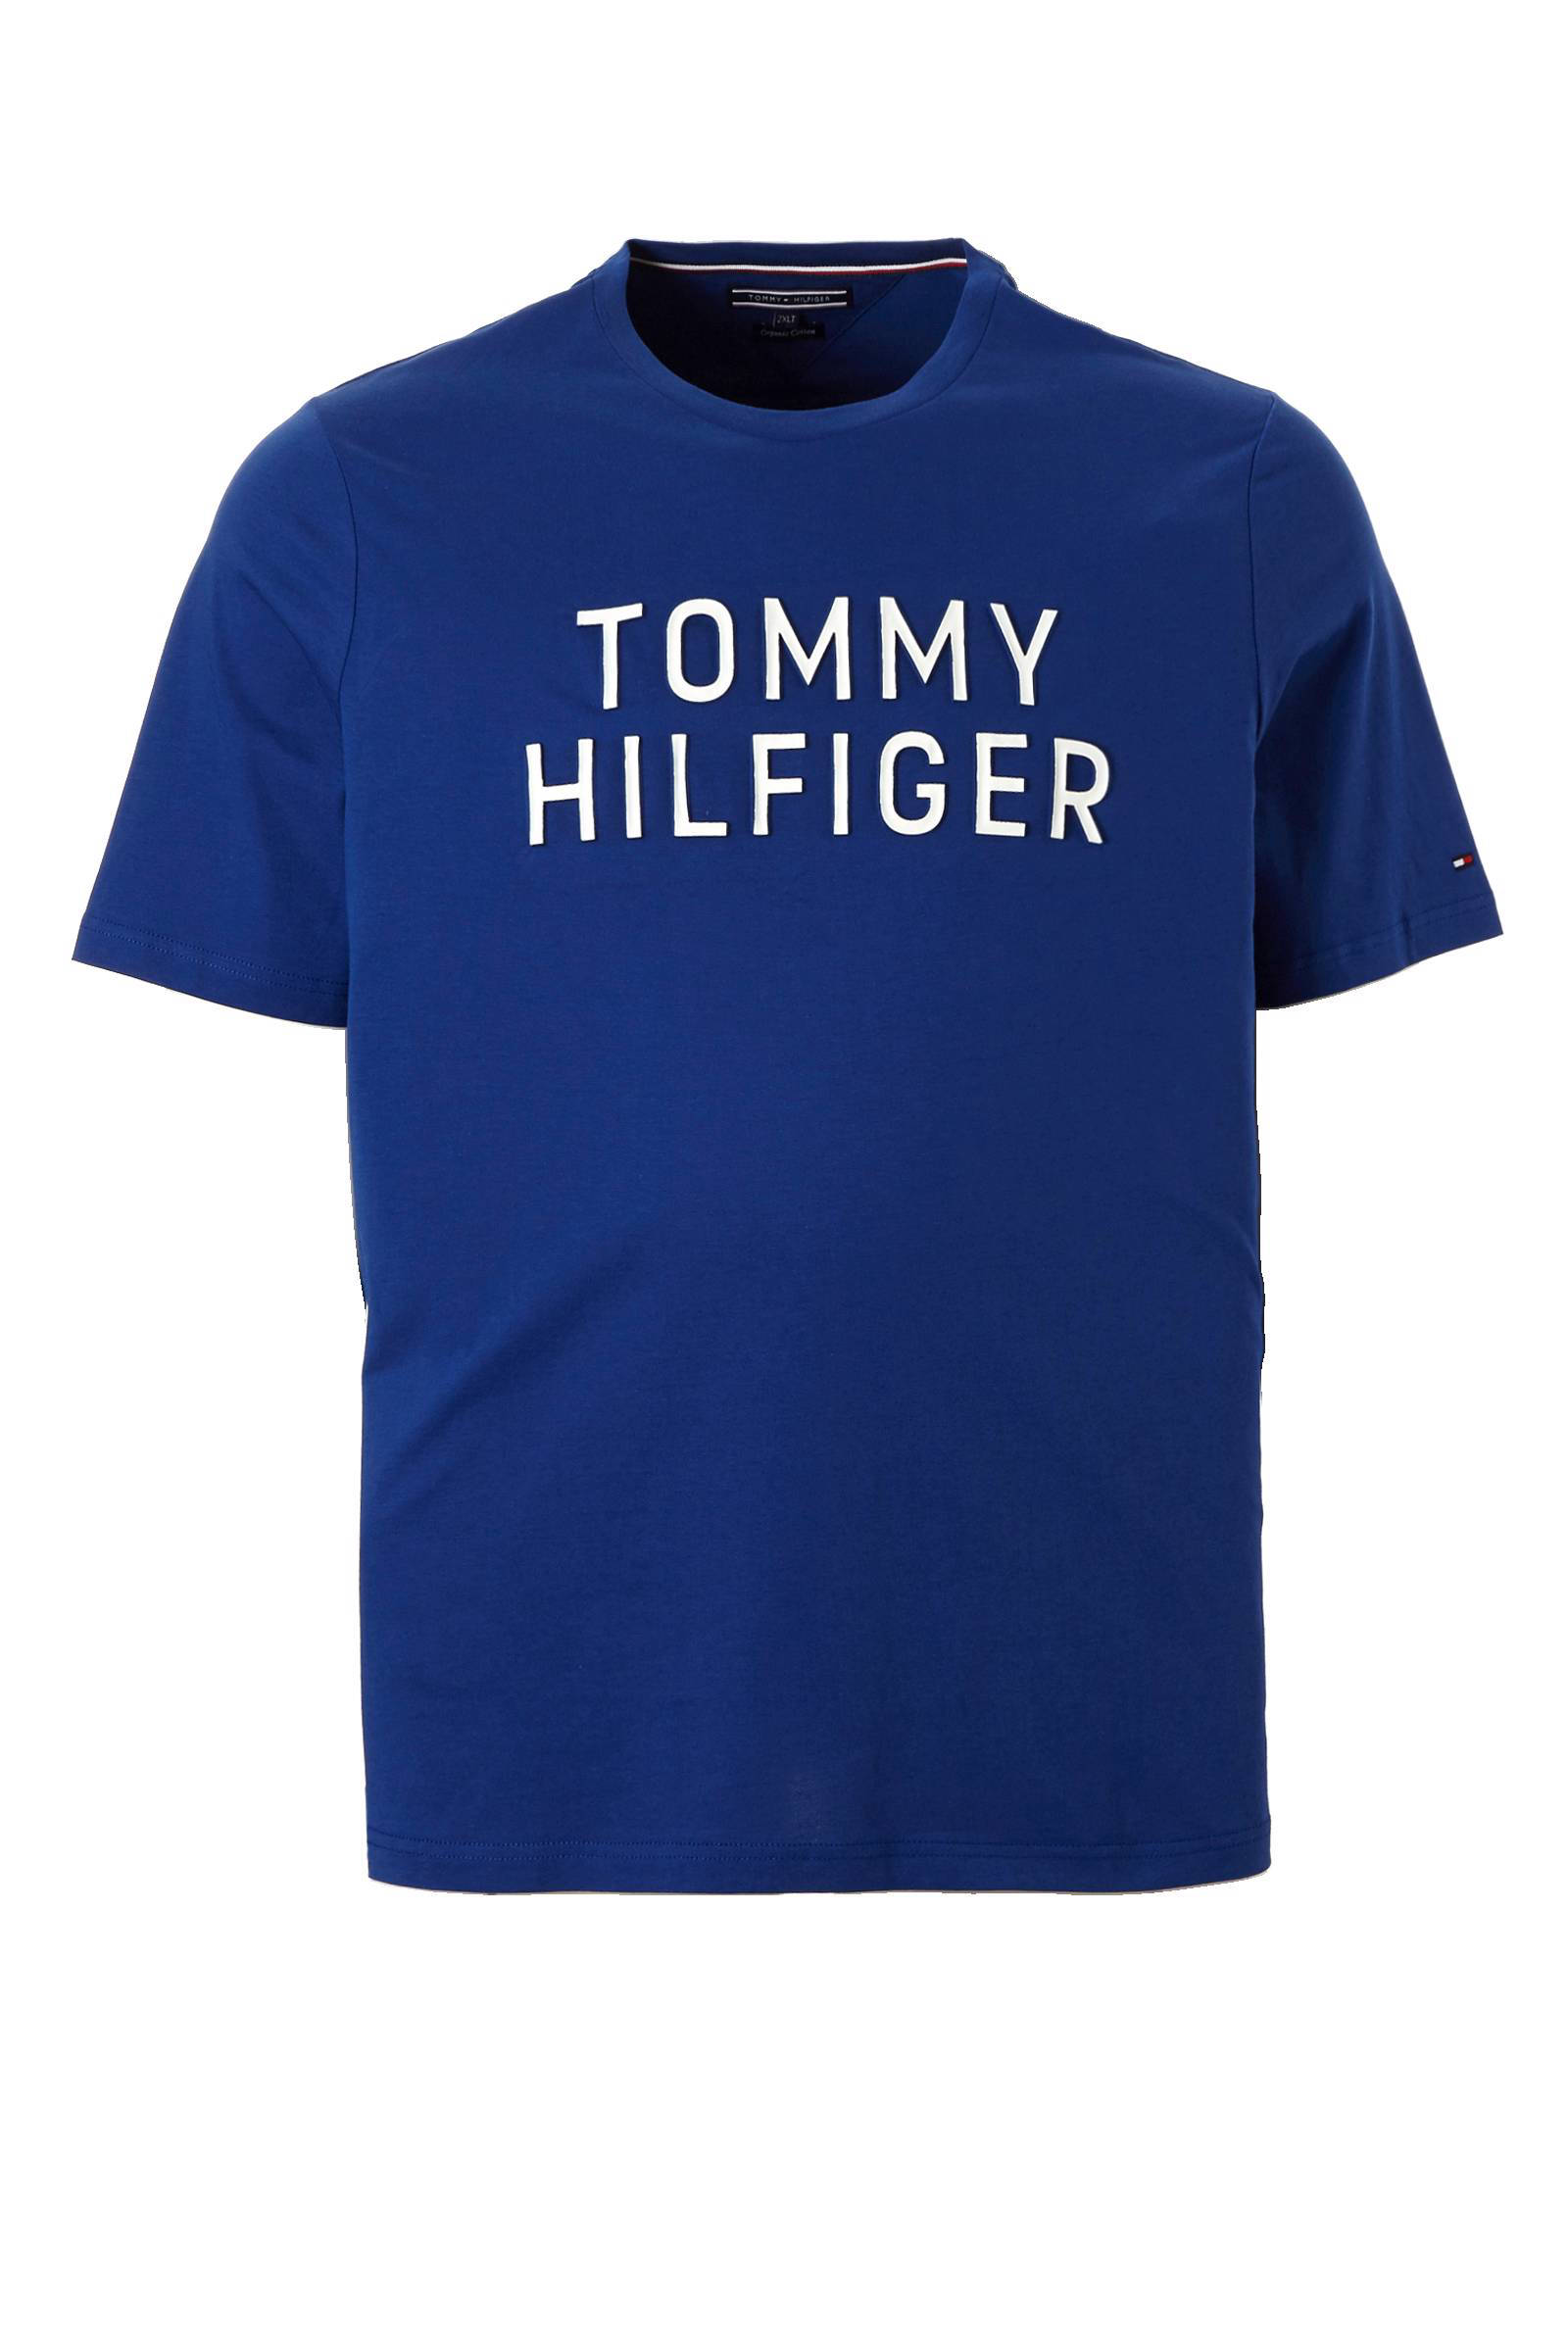 Tommy Hilfiger Big & Tall +size T-shirt